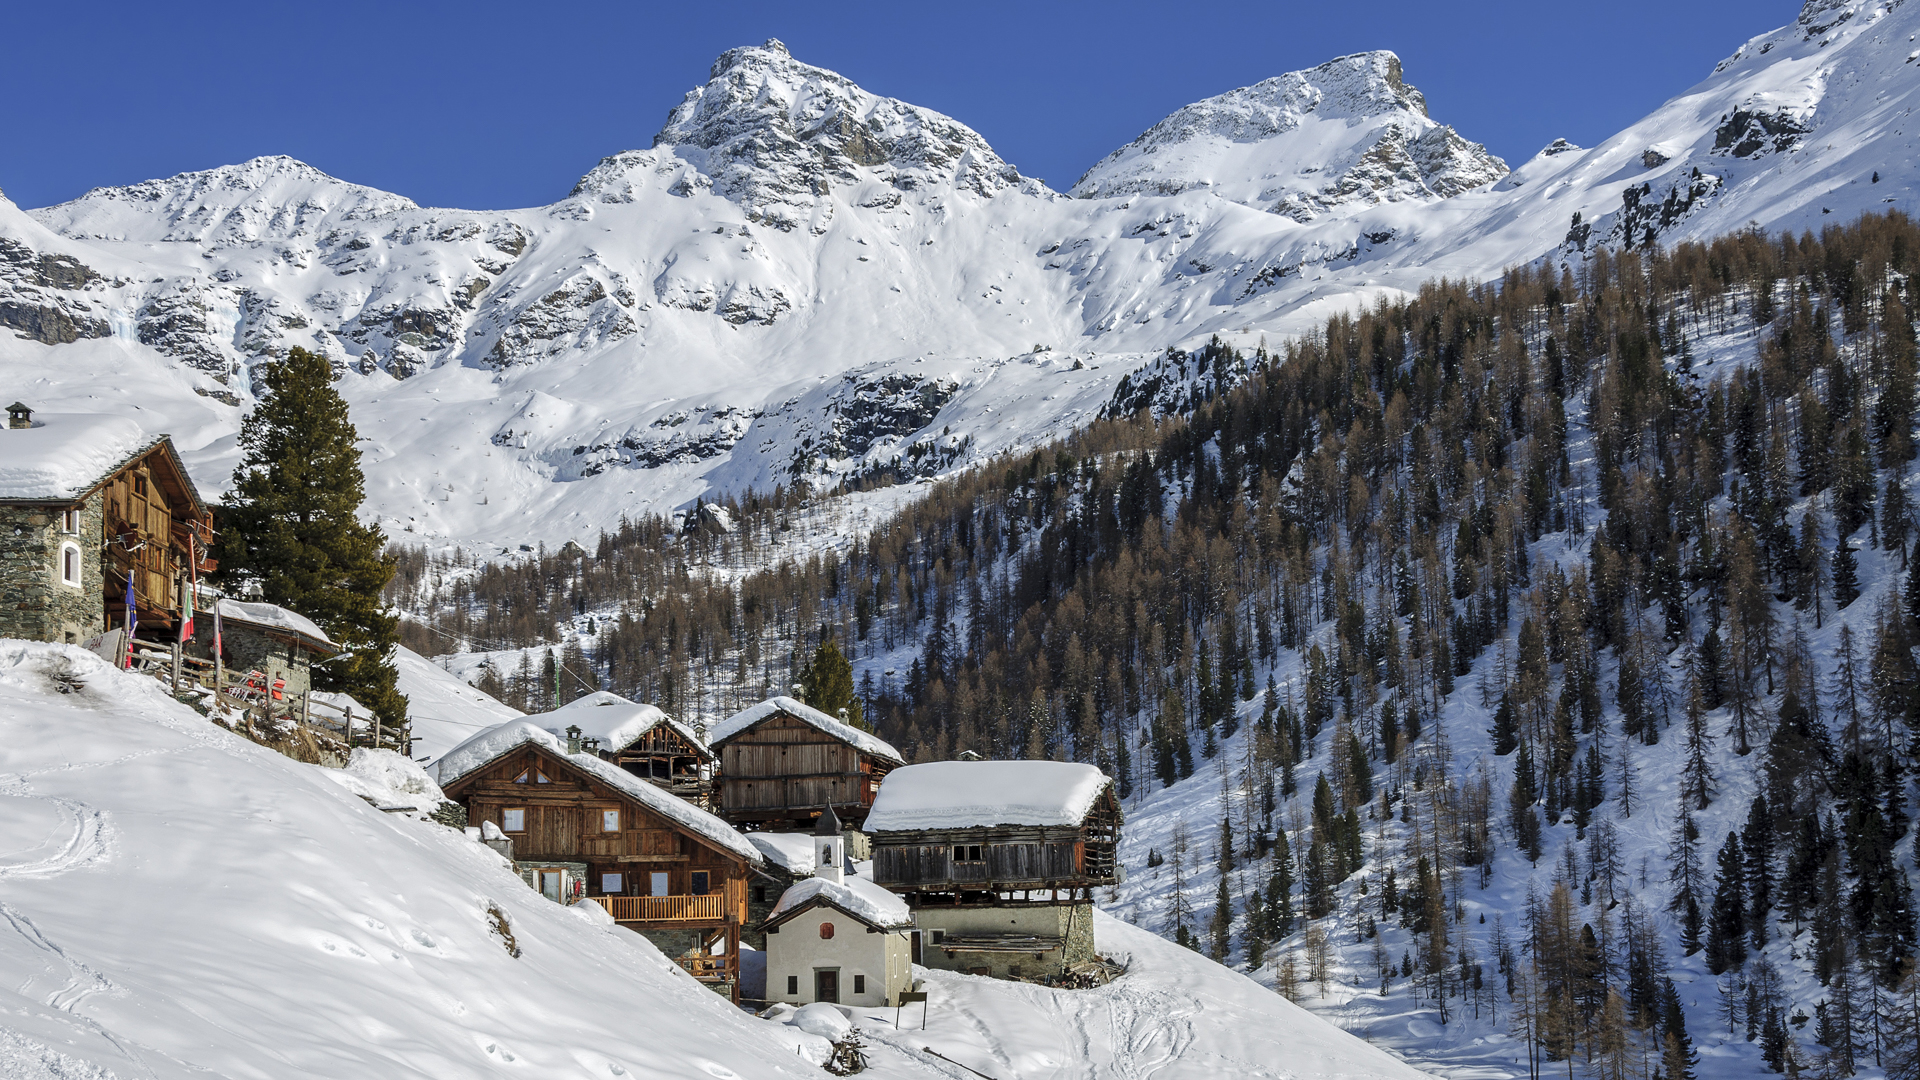 Villa de Cuneaz sous la neige, dans le Val d'Aoste